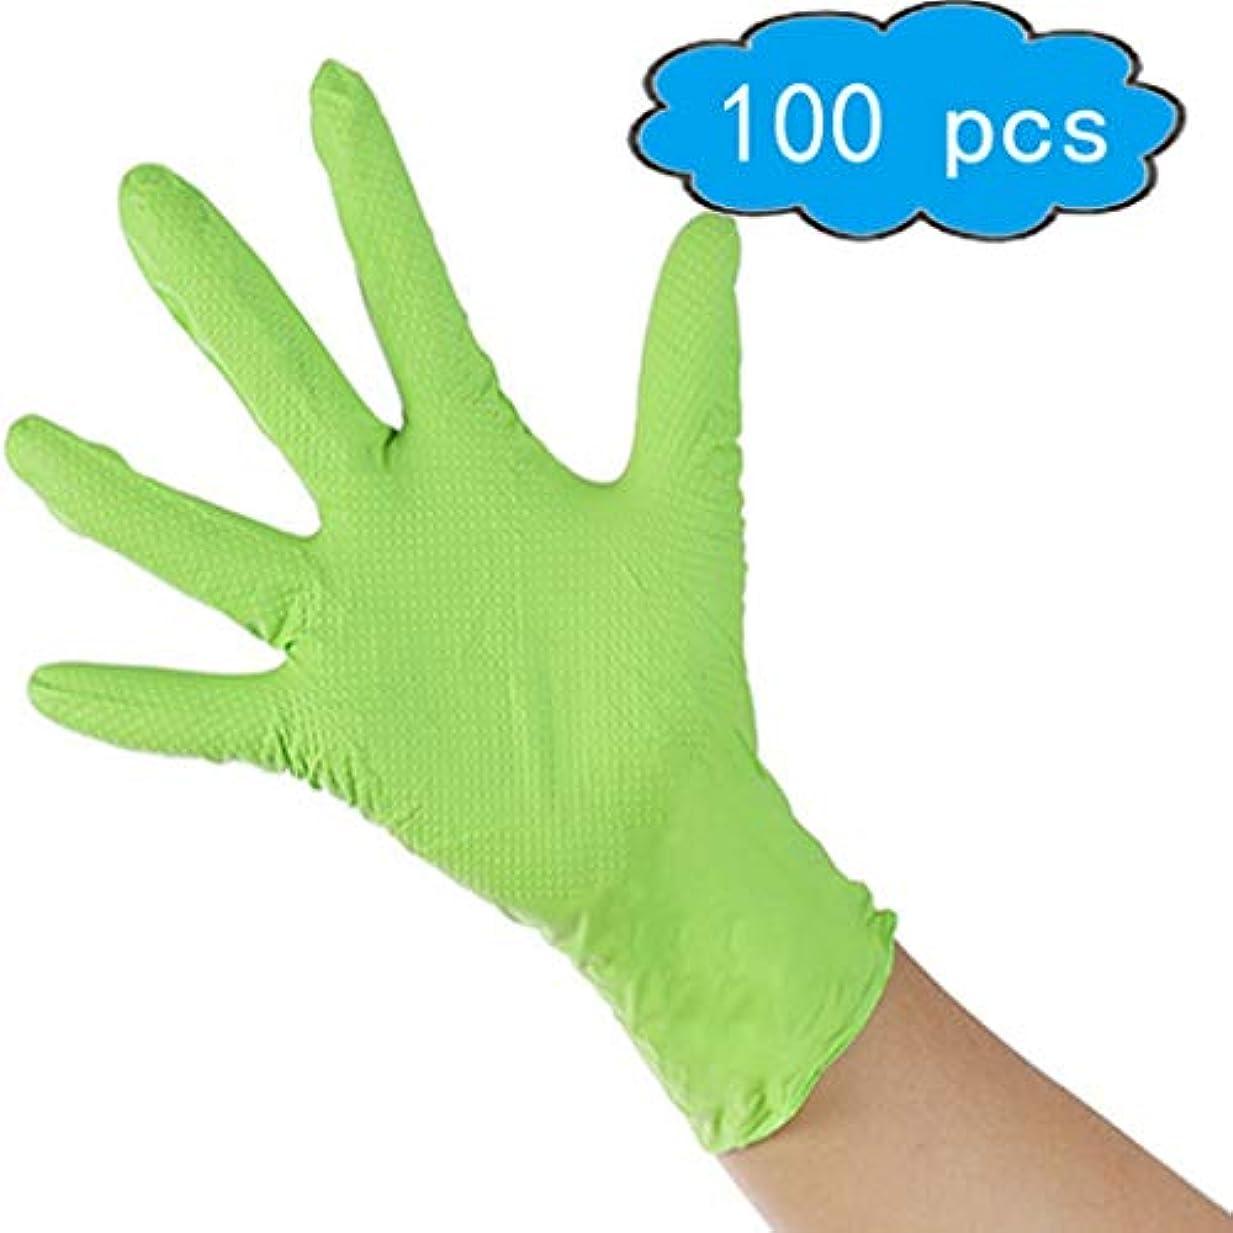 驚くばかりソブリケット放棄された使い捨てゴム手袋-5ミル、工業用、極厚、パウダーフリー、両手利き、オレンジ、ミディアム、100個入りの箱、滑り止めの掌紋、耐摩耗性と耐久性のある機械式ハードウェアゴム手袋 (Color : Green, Size : L)